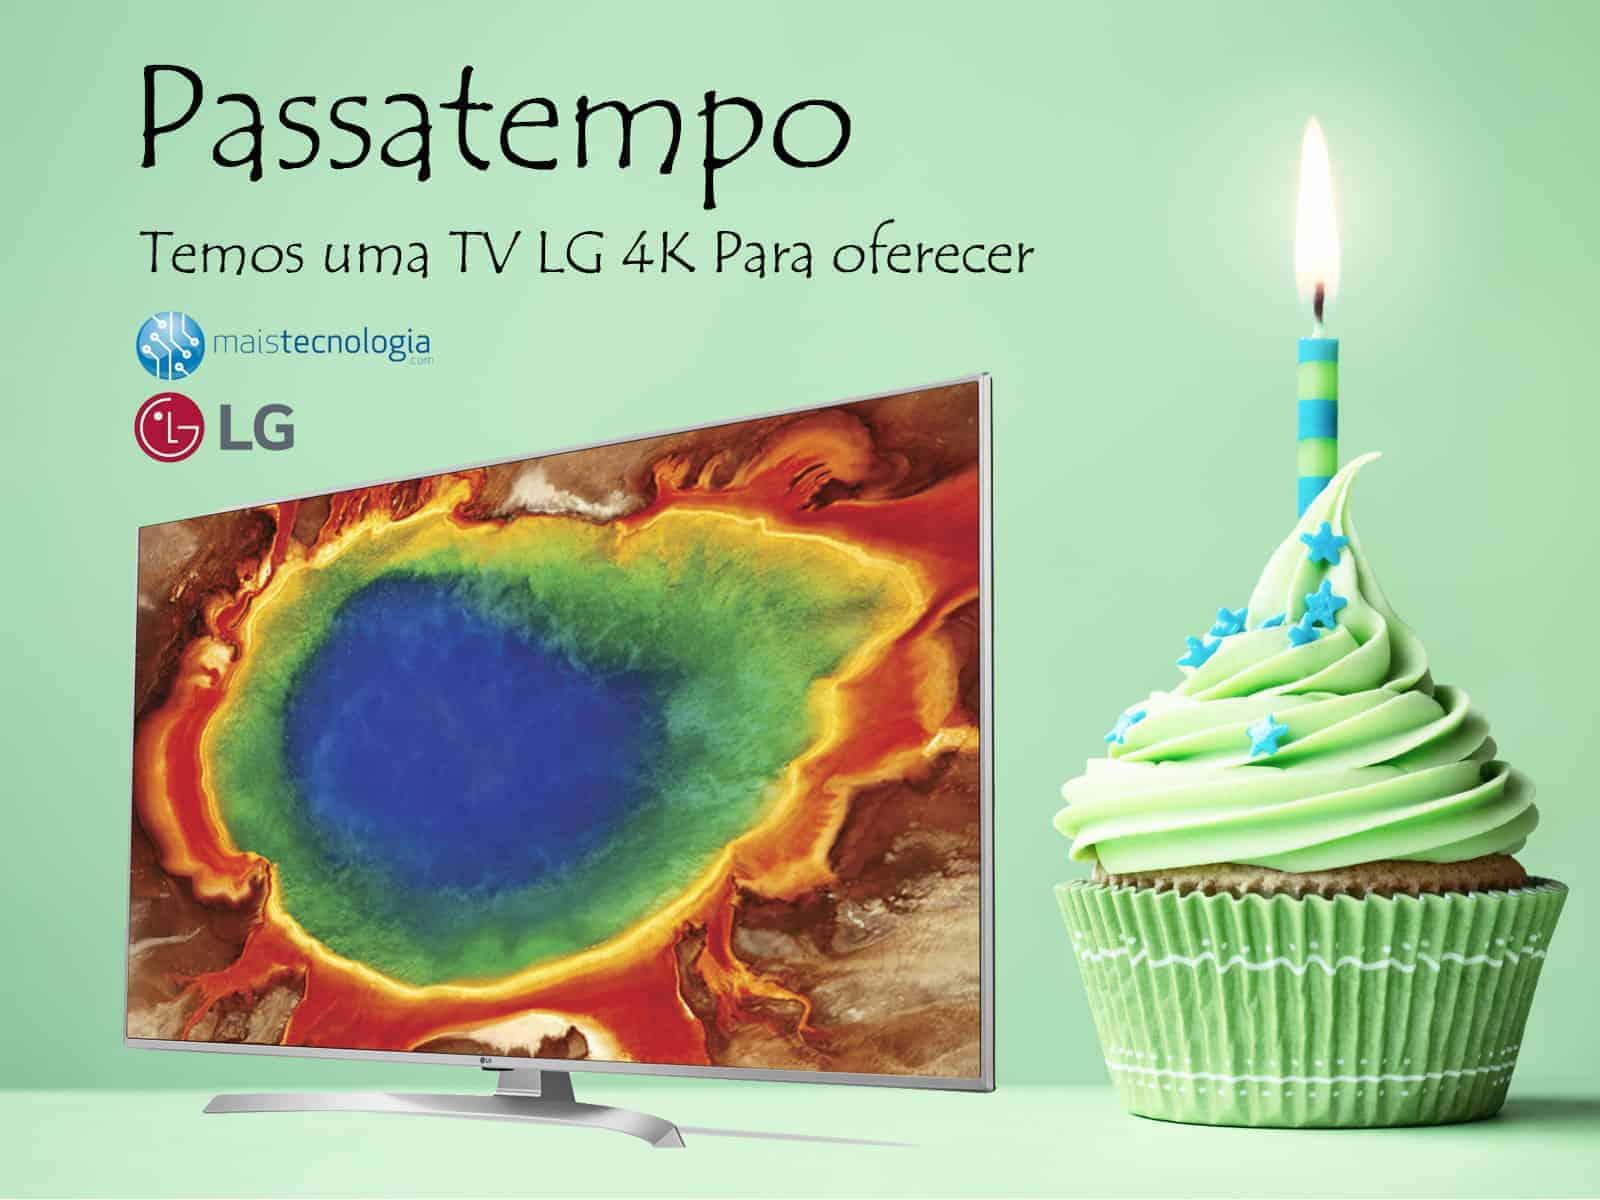 Passatempo TV LG 4K de 43 polegadas - 09/11 - MaisTecnologia Passatempo-LG-TV-4K